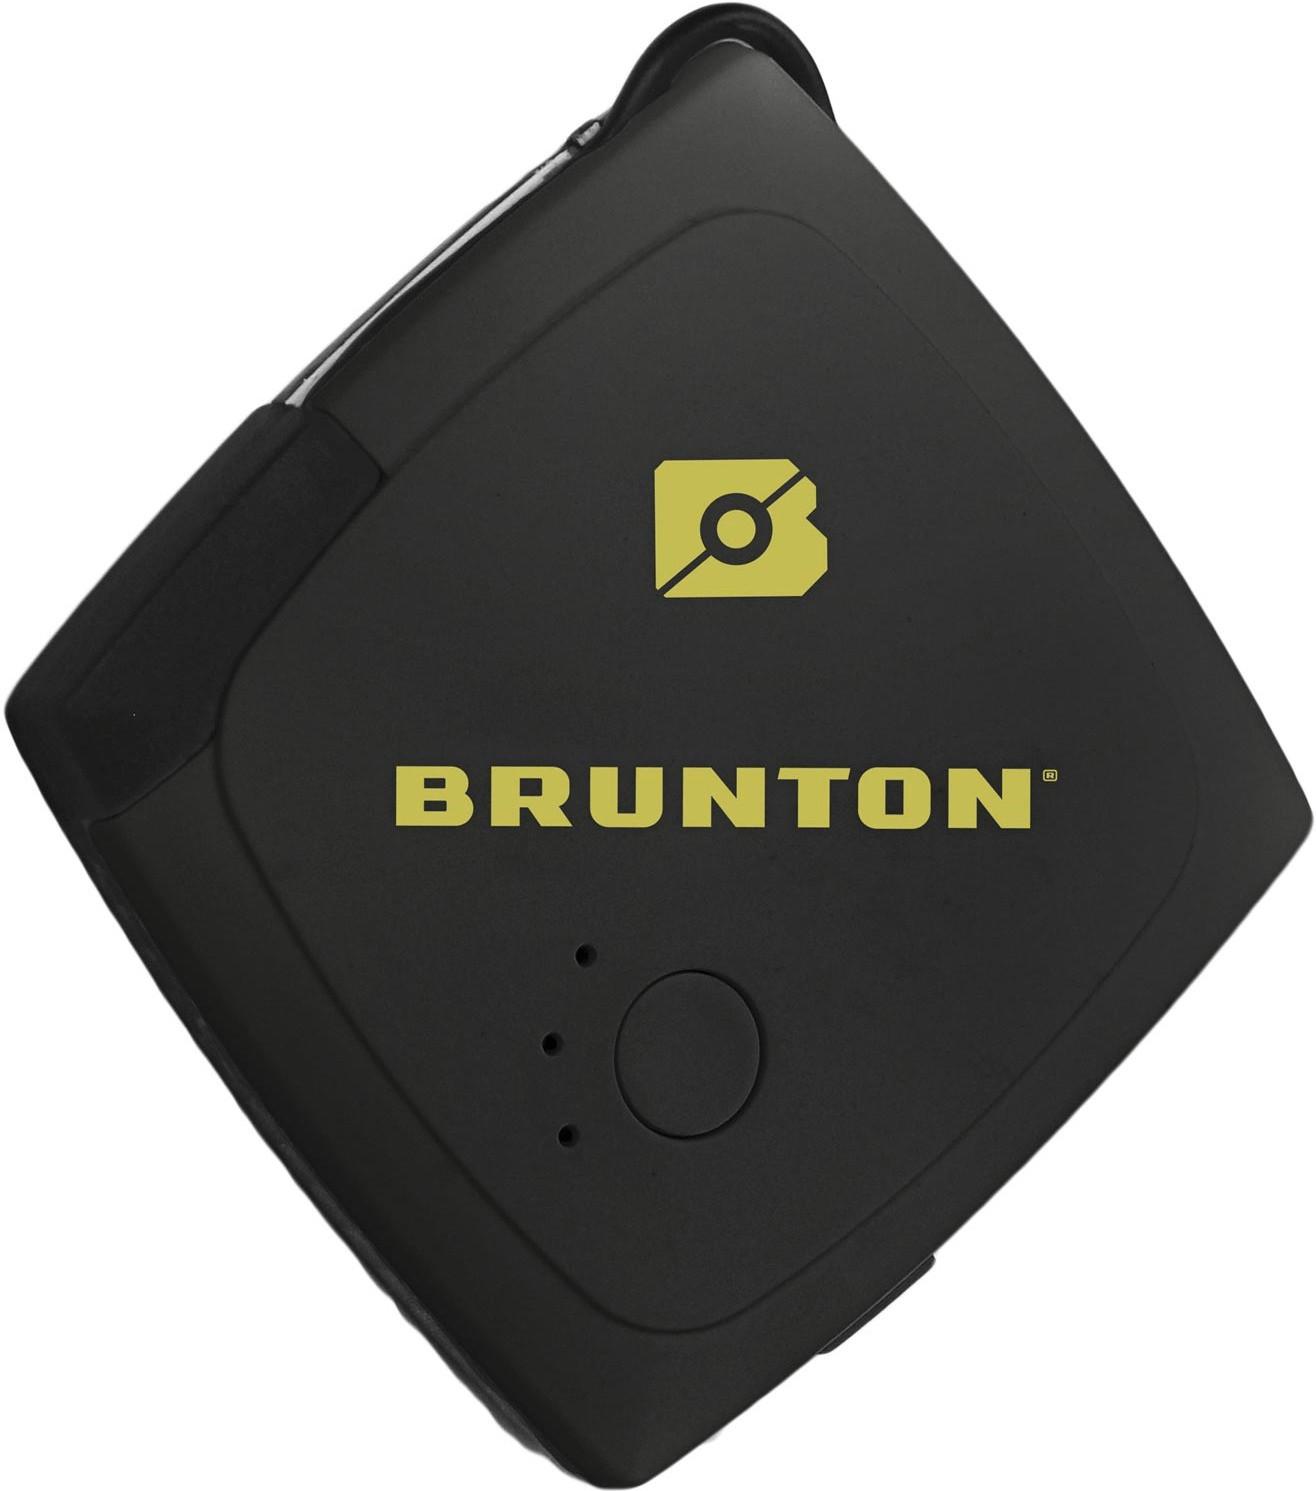 Image of Brunton Pulse 1500